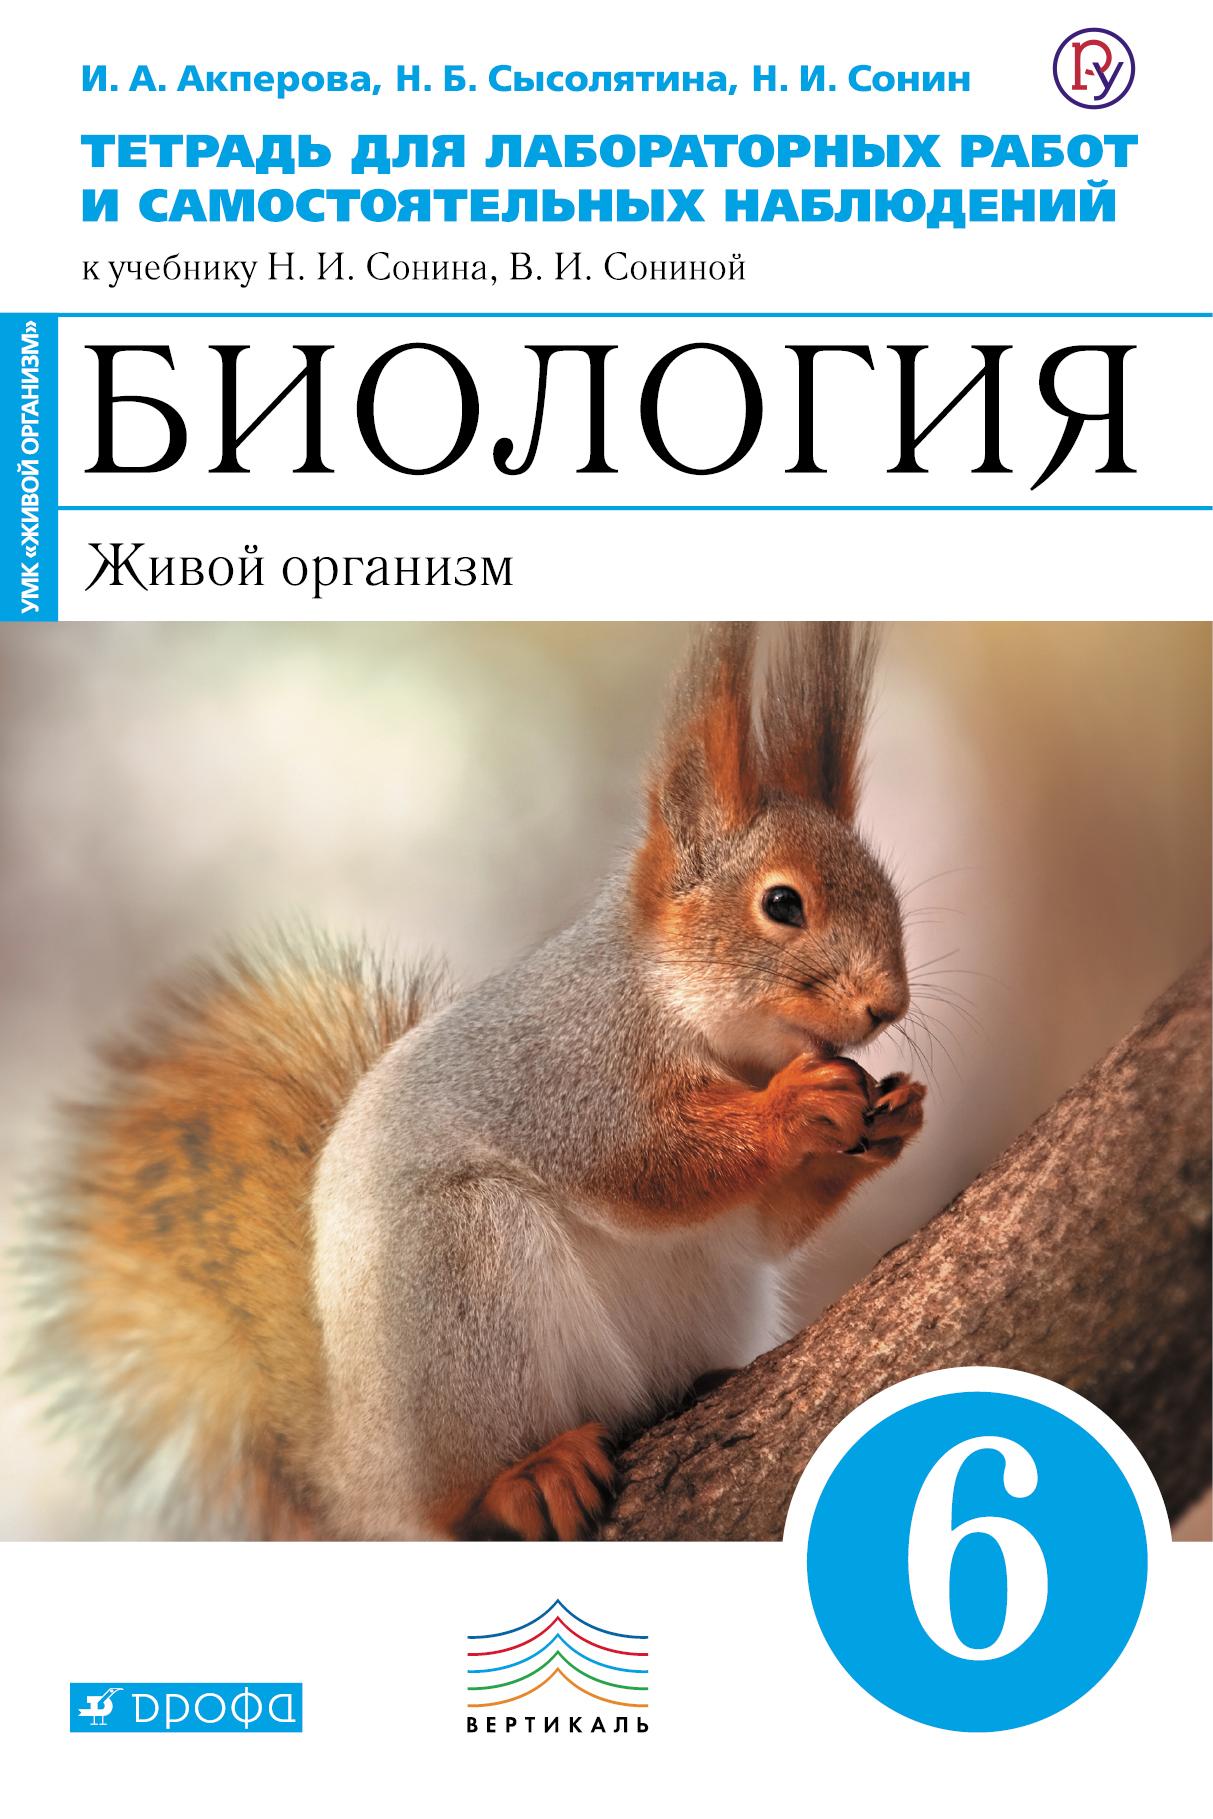 Биология Живой организм. 6 класс.Тетрадь для лабораторных работ (Синий) ВЕРТИКАЛЬ